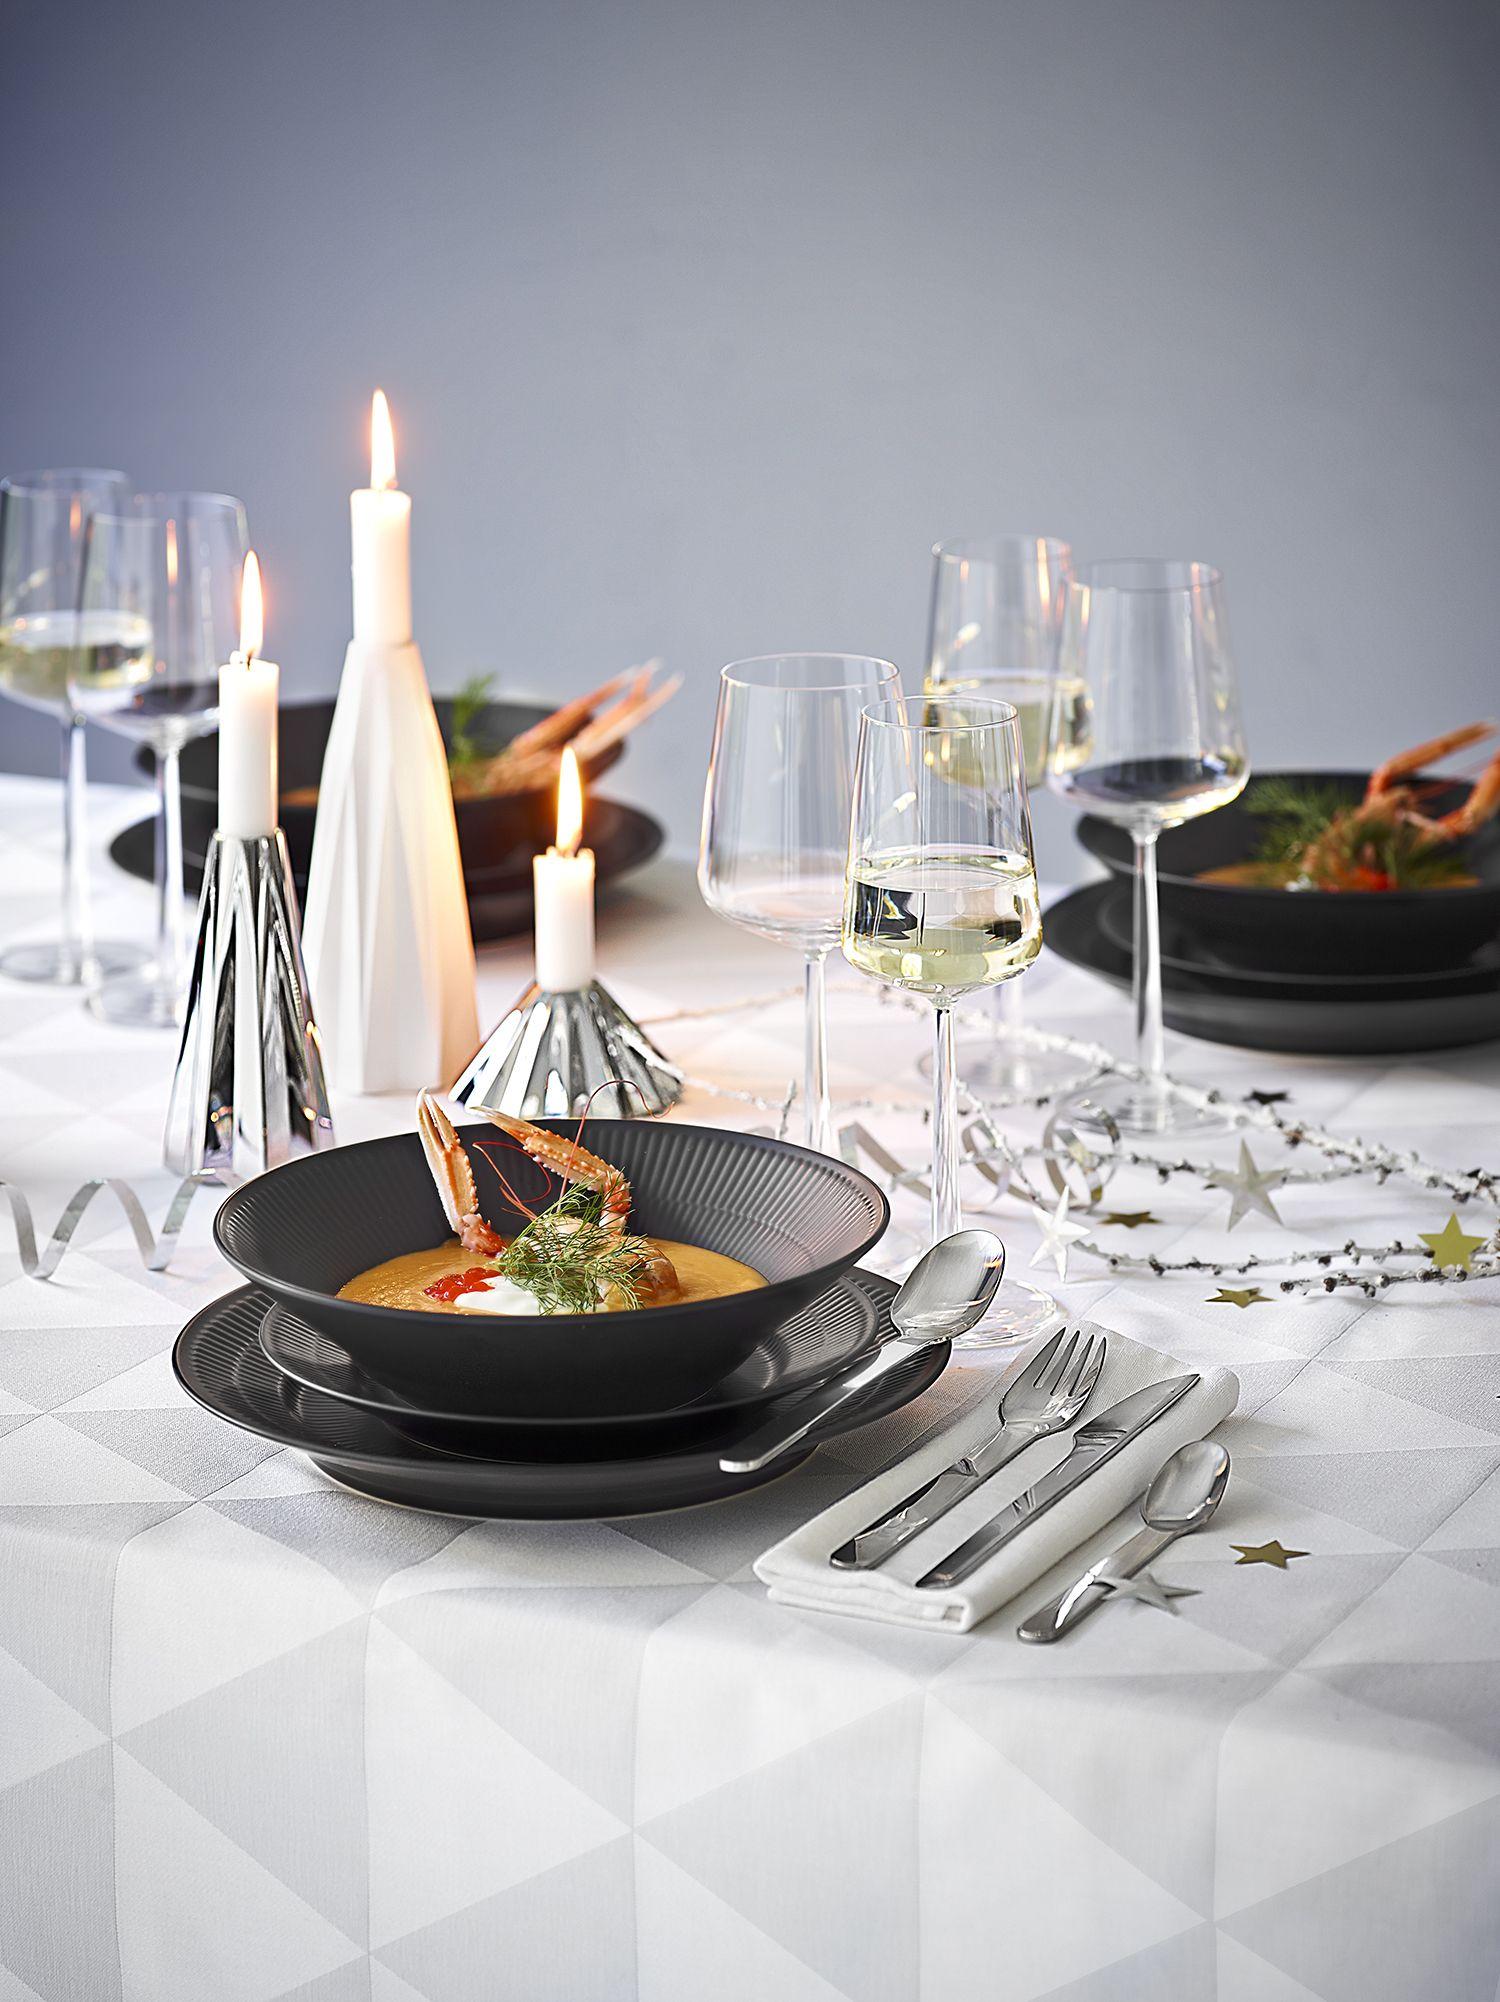 Fantastisk Inspiration til flot borddækning i rigtig nytårs stil. Brug f.eks BY52